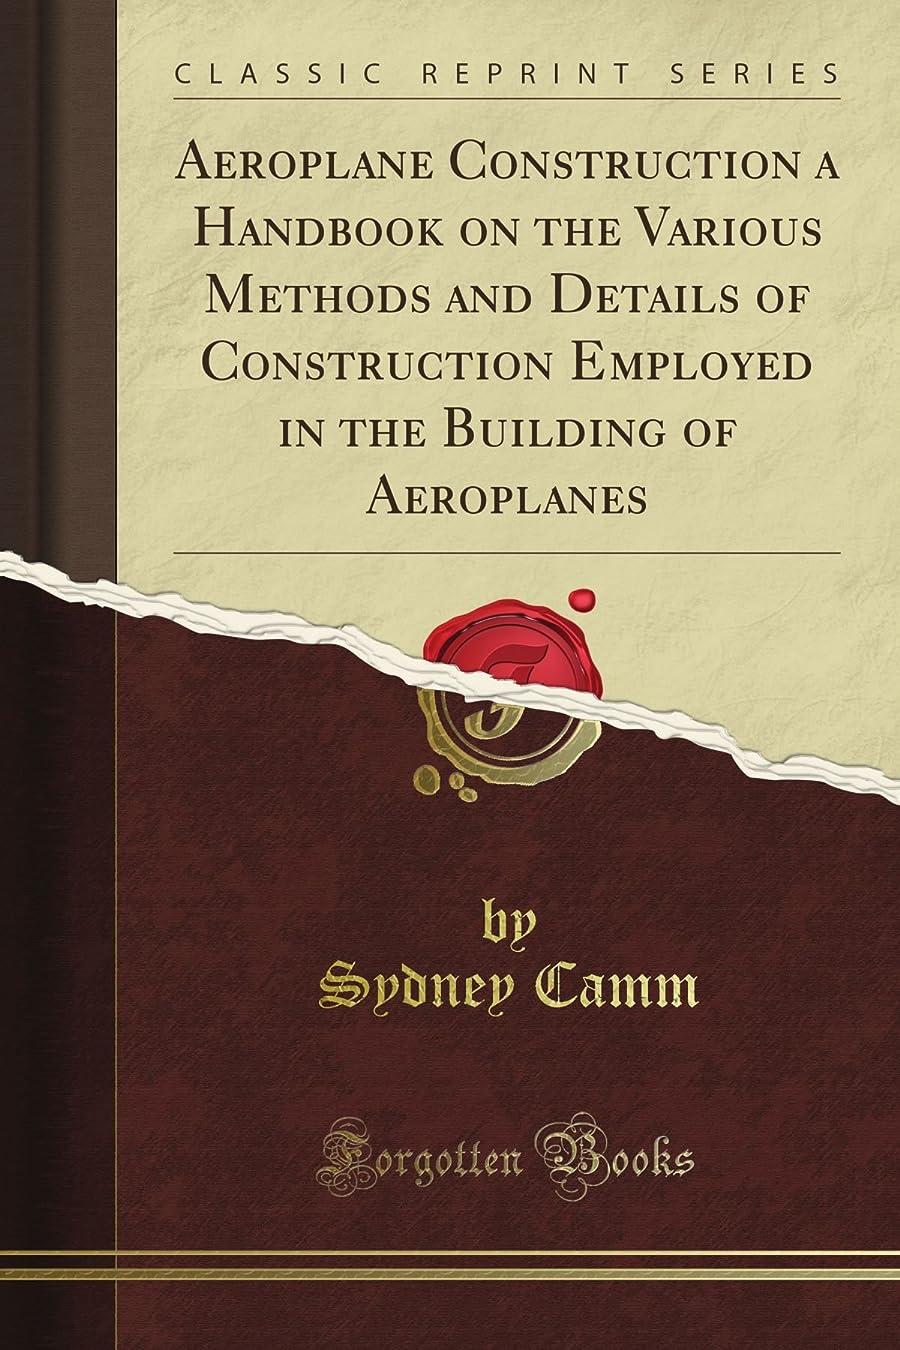 バースト犯罪いらいらするAeroplane Construction a Handbook on the Various Methods and Details of Construction Employed in the Building of Aeroplanes (Classic Reprint)